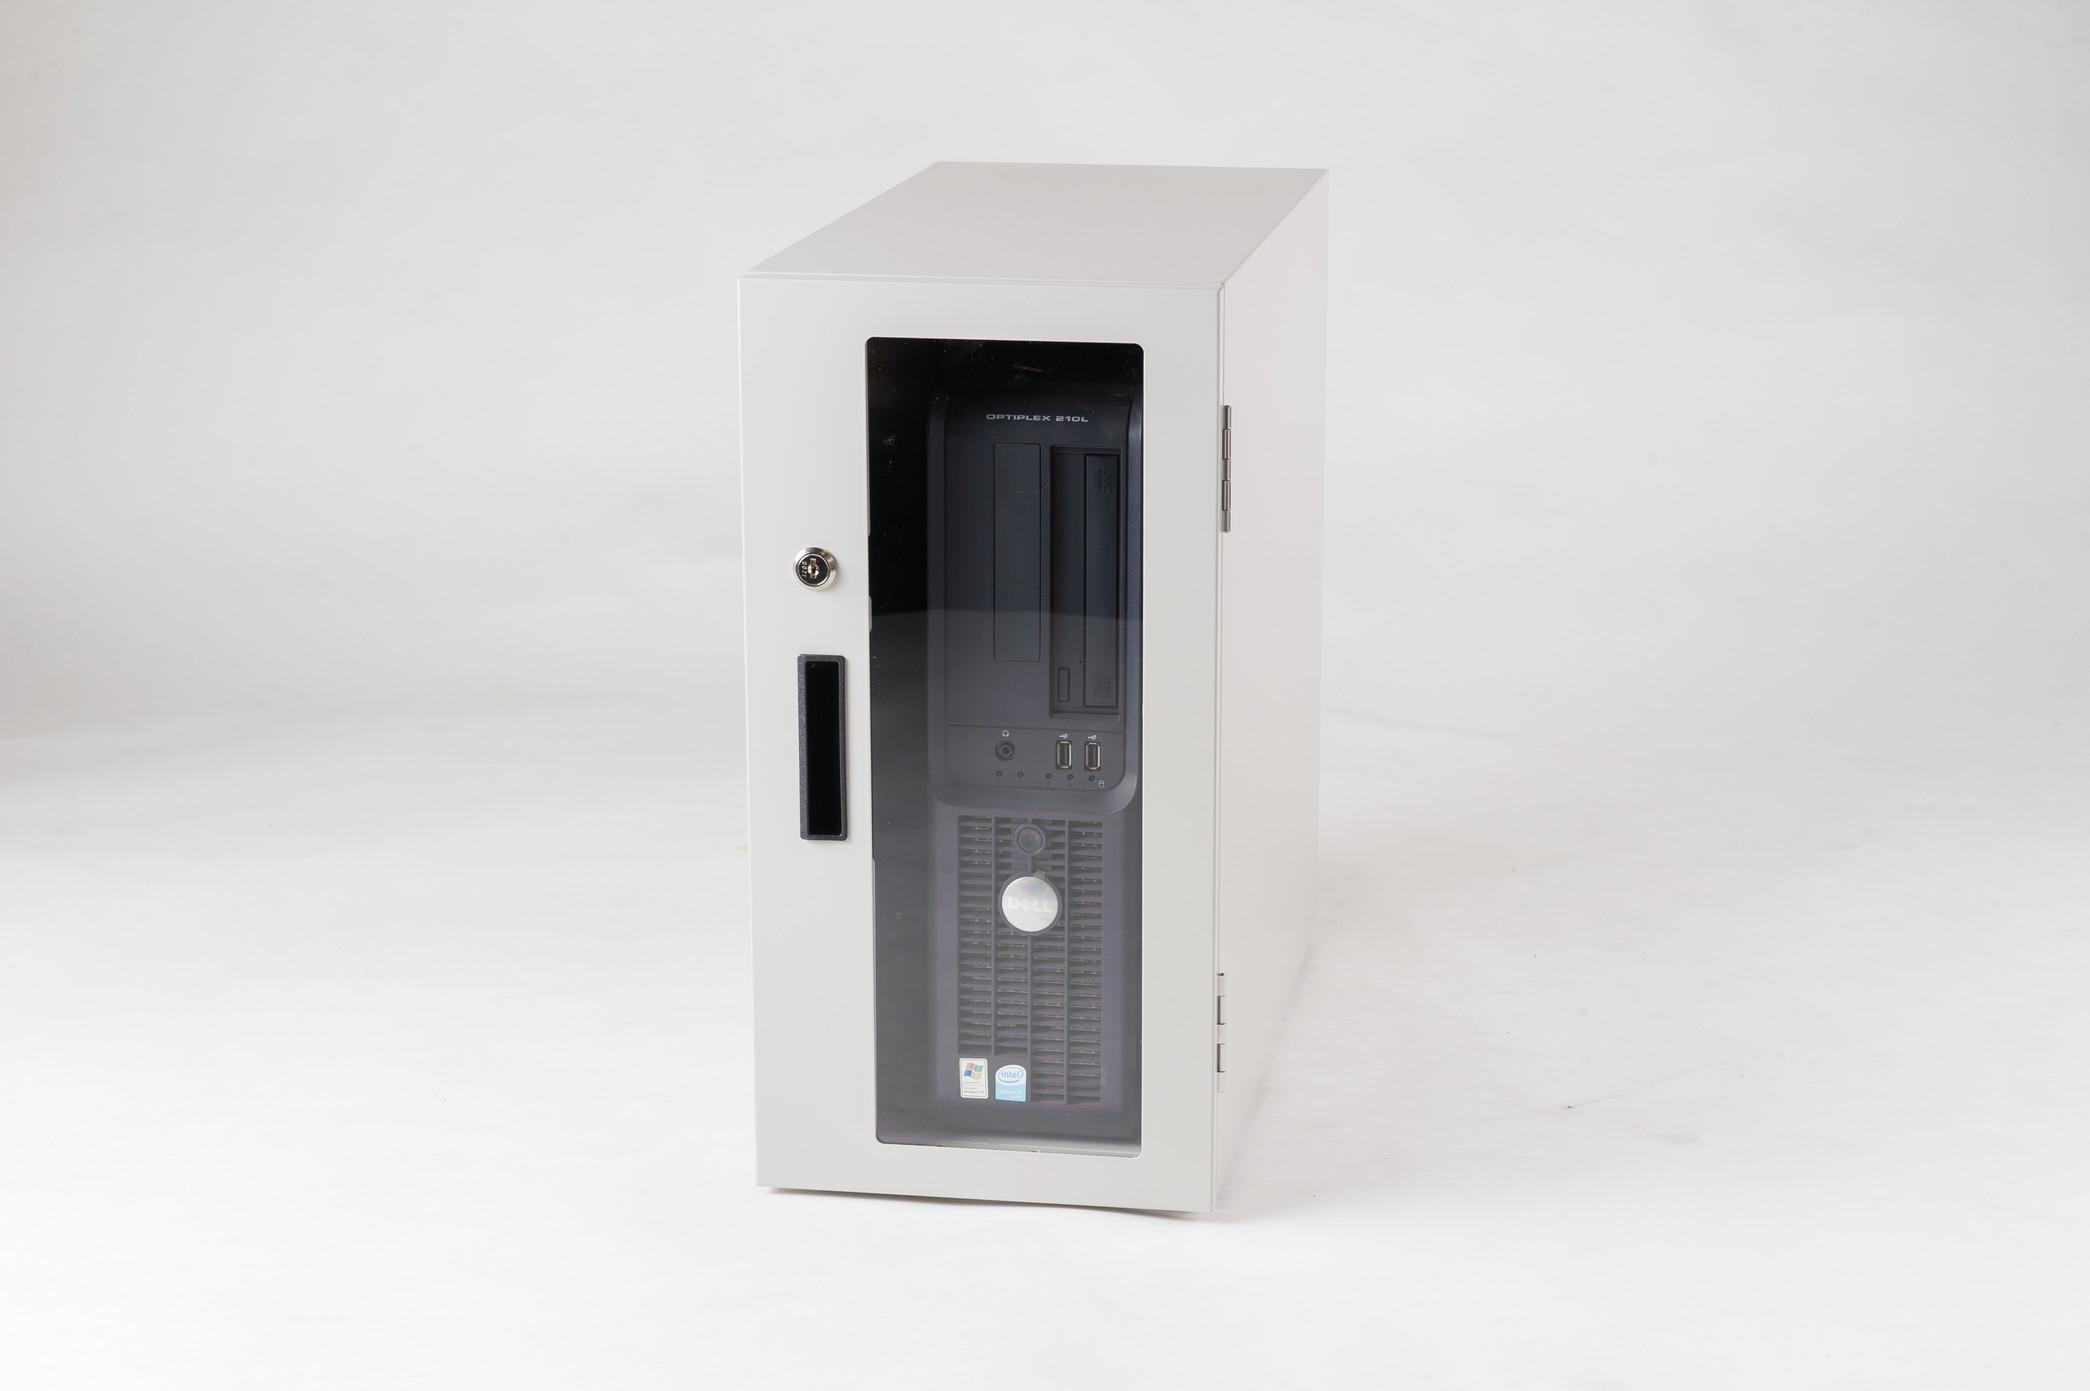 防塵ラック Tidy Box CPU 4UW ライトグレー